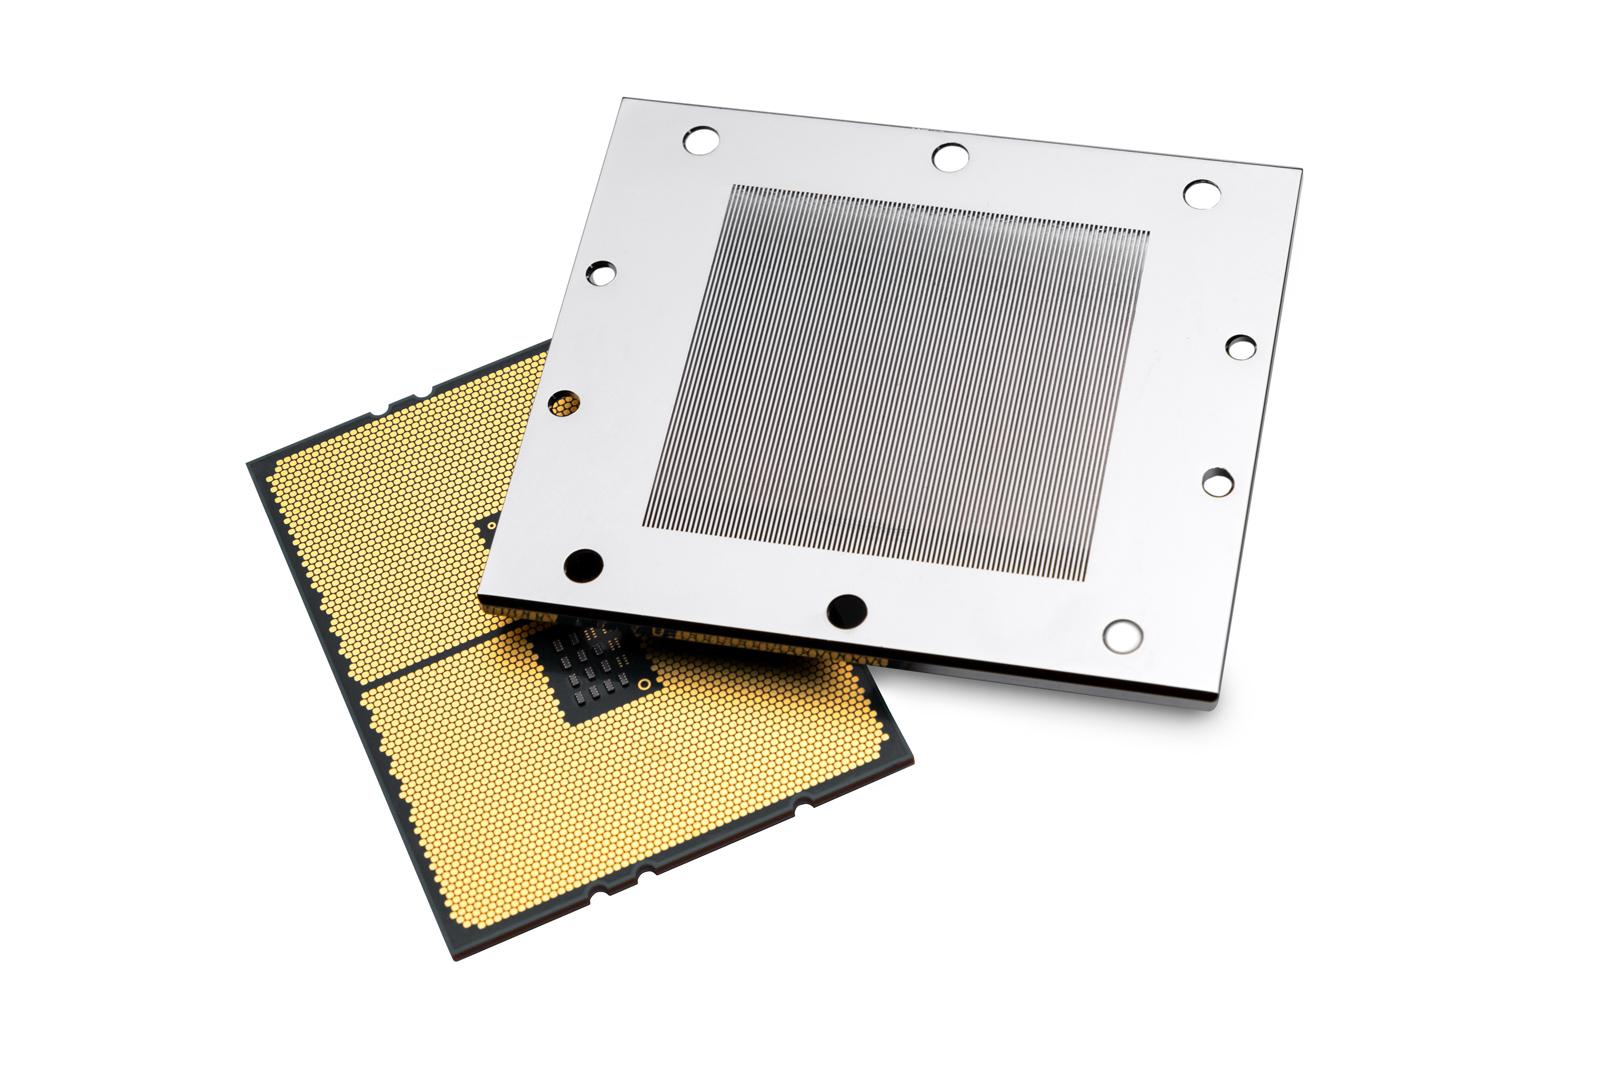 Ek Velocity STR4 baseplate